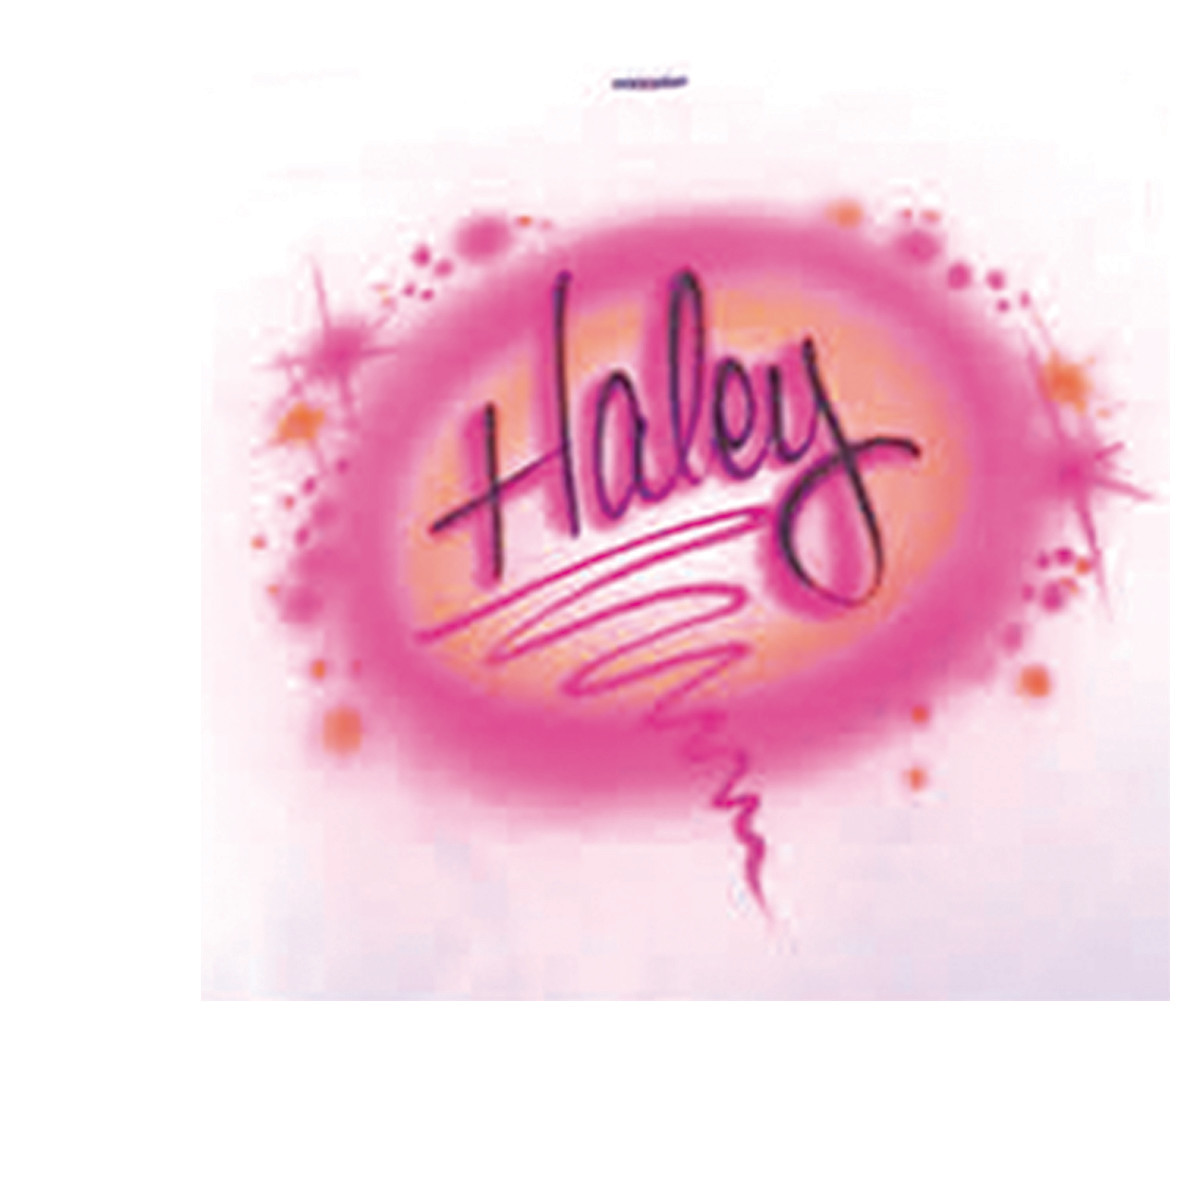 Haley Name 9